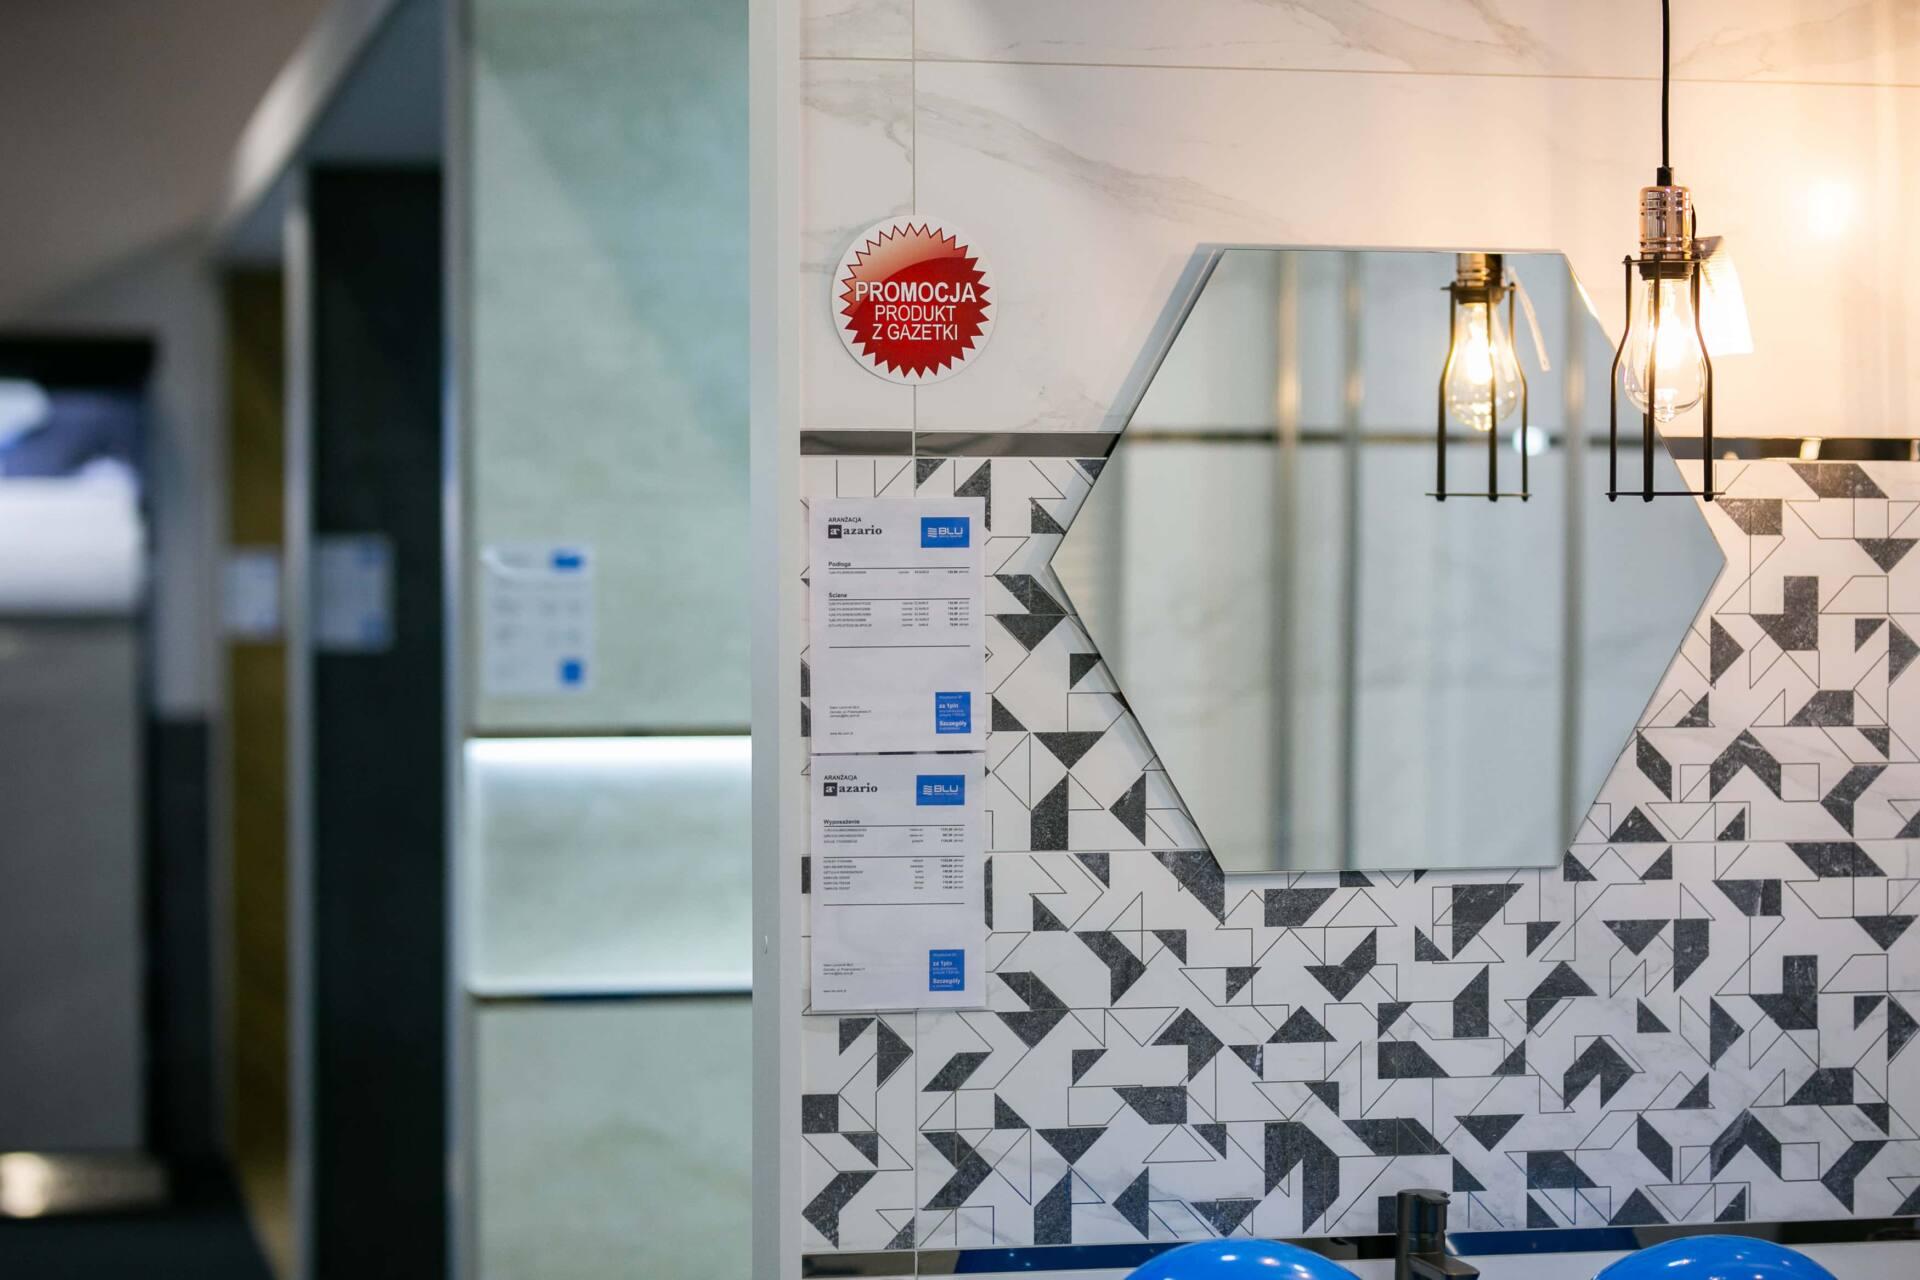 5db 5628 Salon BLU: na ponad 500 m2., 36 łazienkowych aranżacji i bogata ekspozycja wyposażenia (zdjęcia)